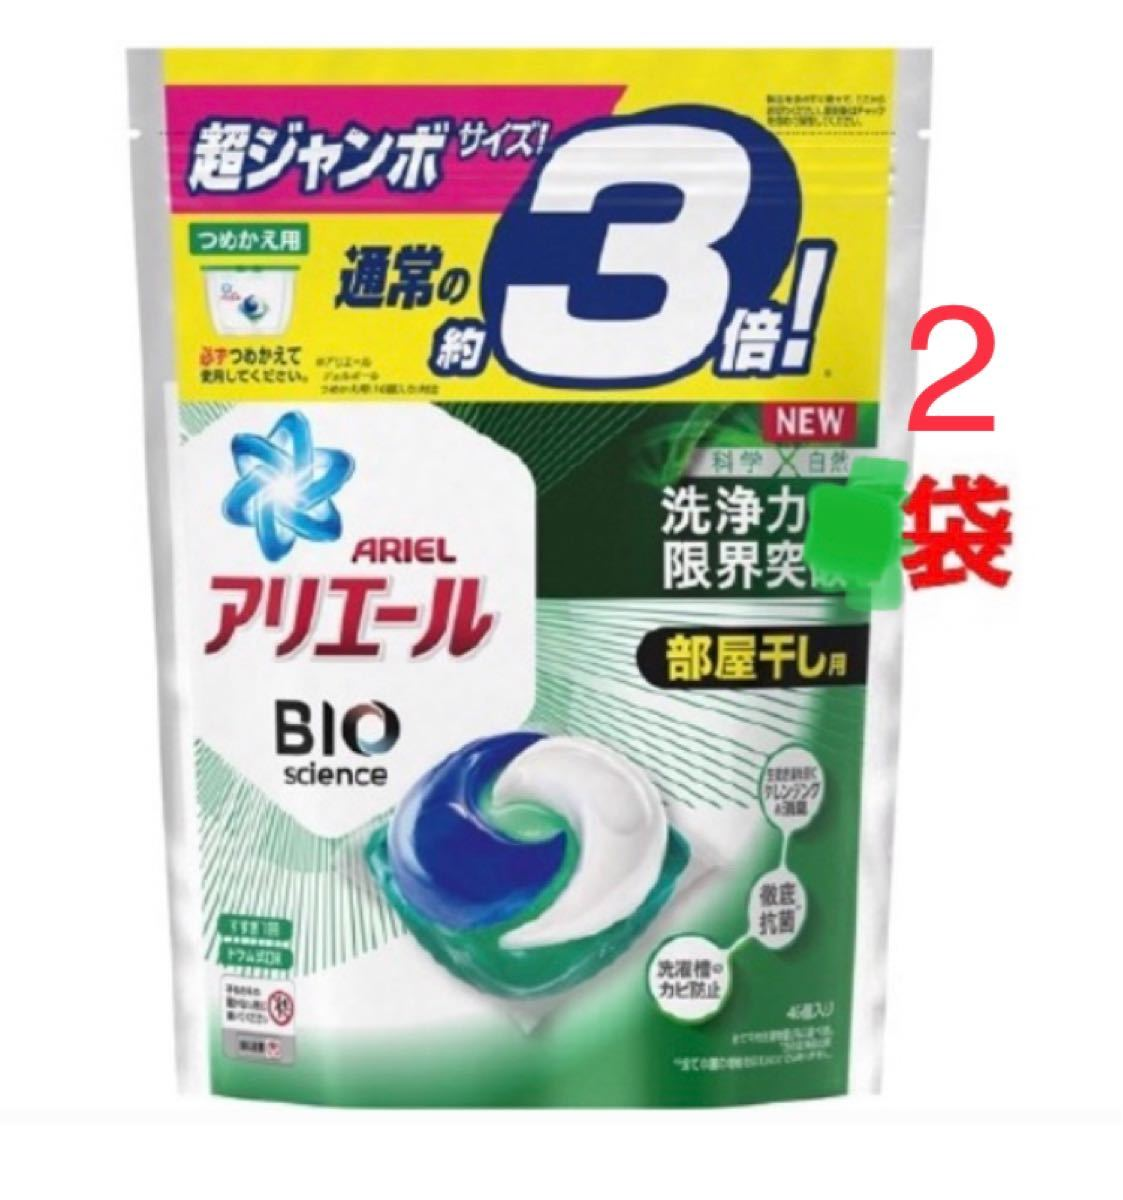 アリエールBIOジェルボール部屋干し用 つめかえ超ジャンボサイズ 洗濯洗剤(46個入*2袋セット)